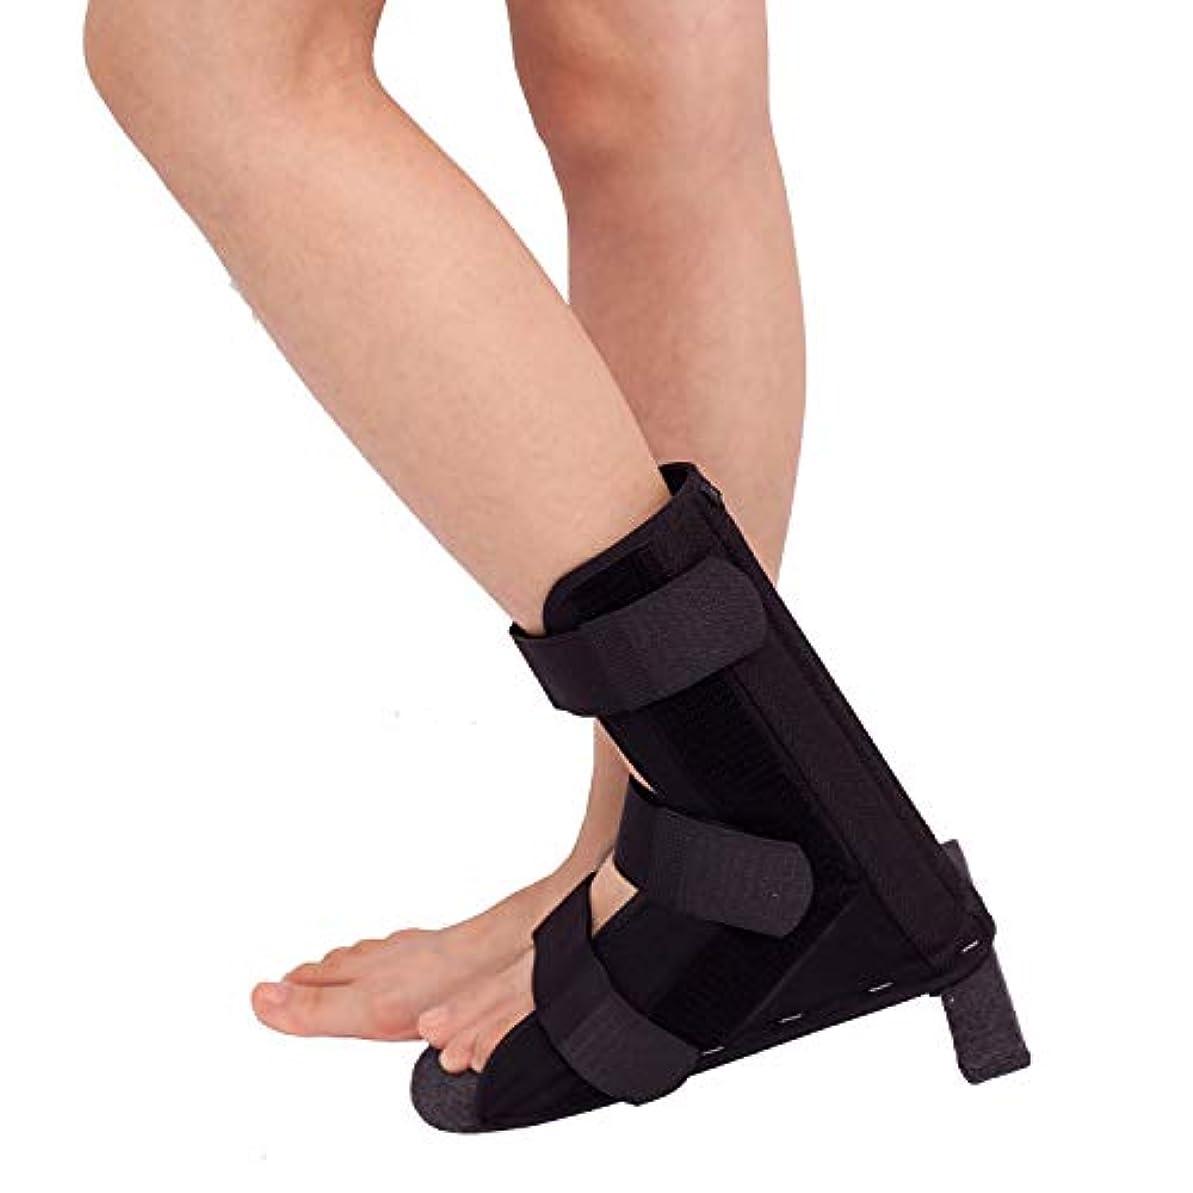 ヘルメット埋め込む脚本足首サポート ア、T字型靴、整形外科用靴、足首骨折、捻挫固定ブラケット (Size : L)